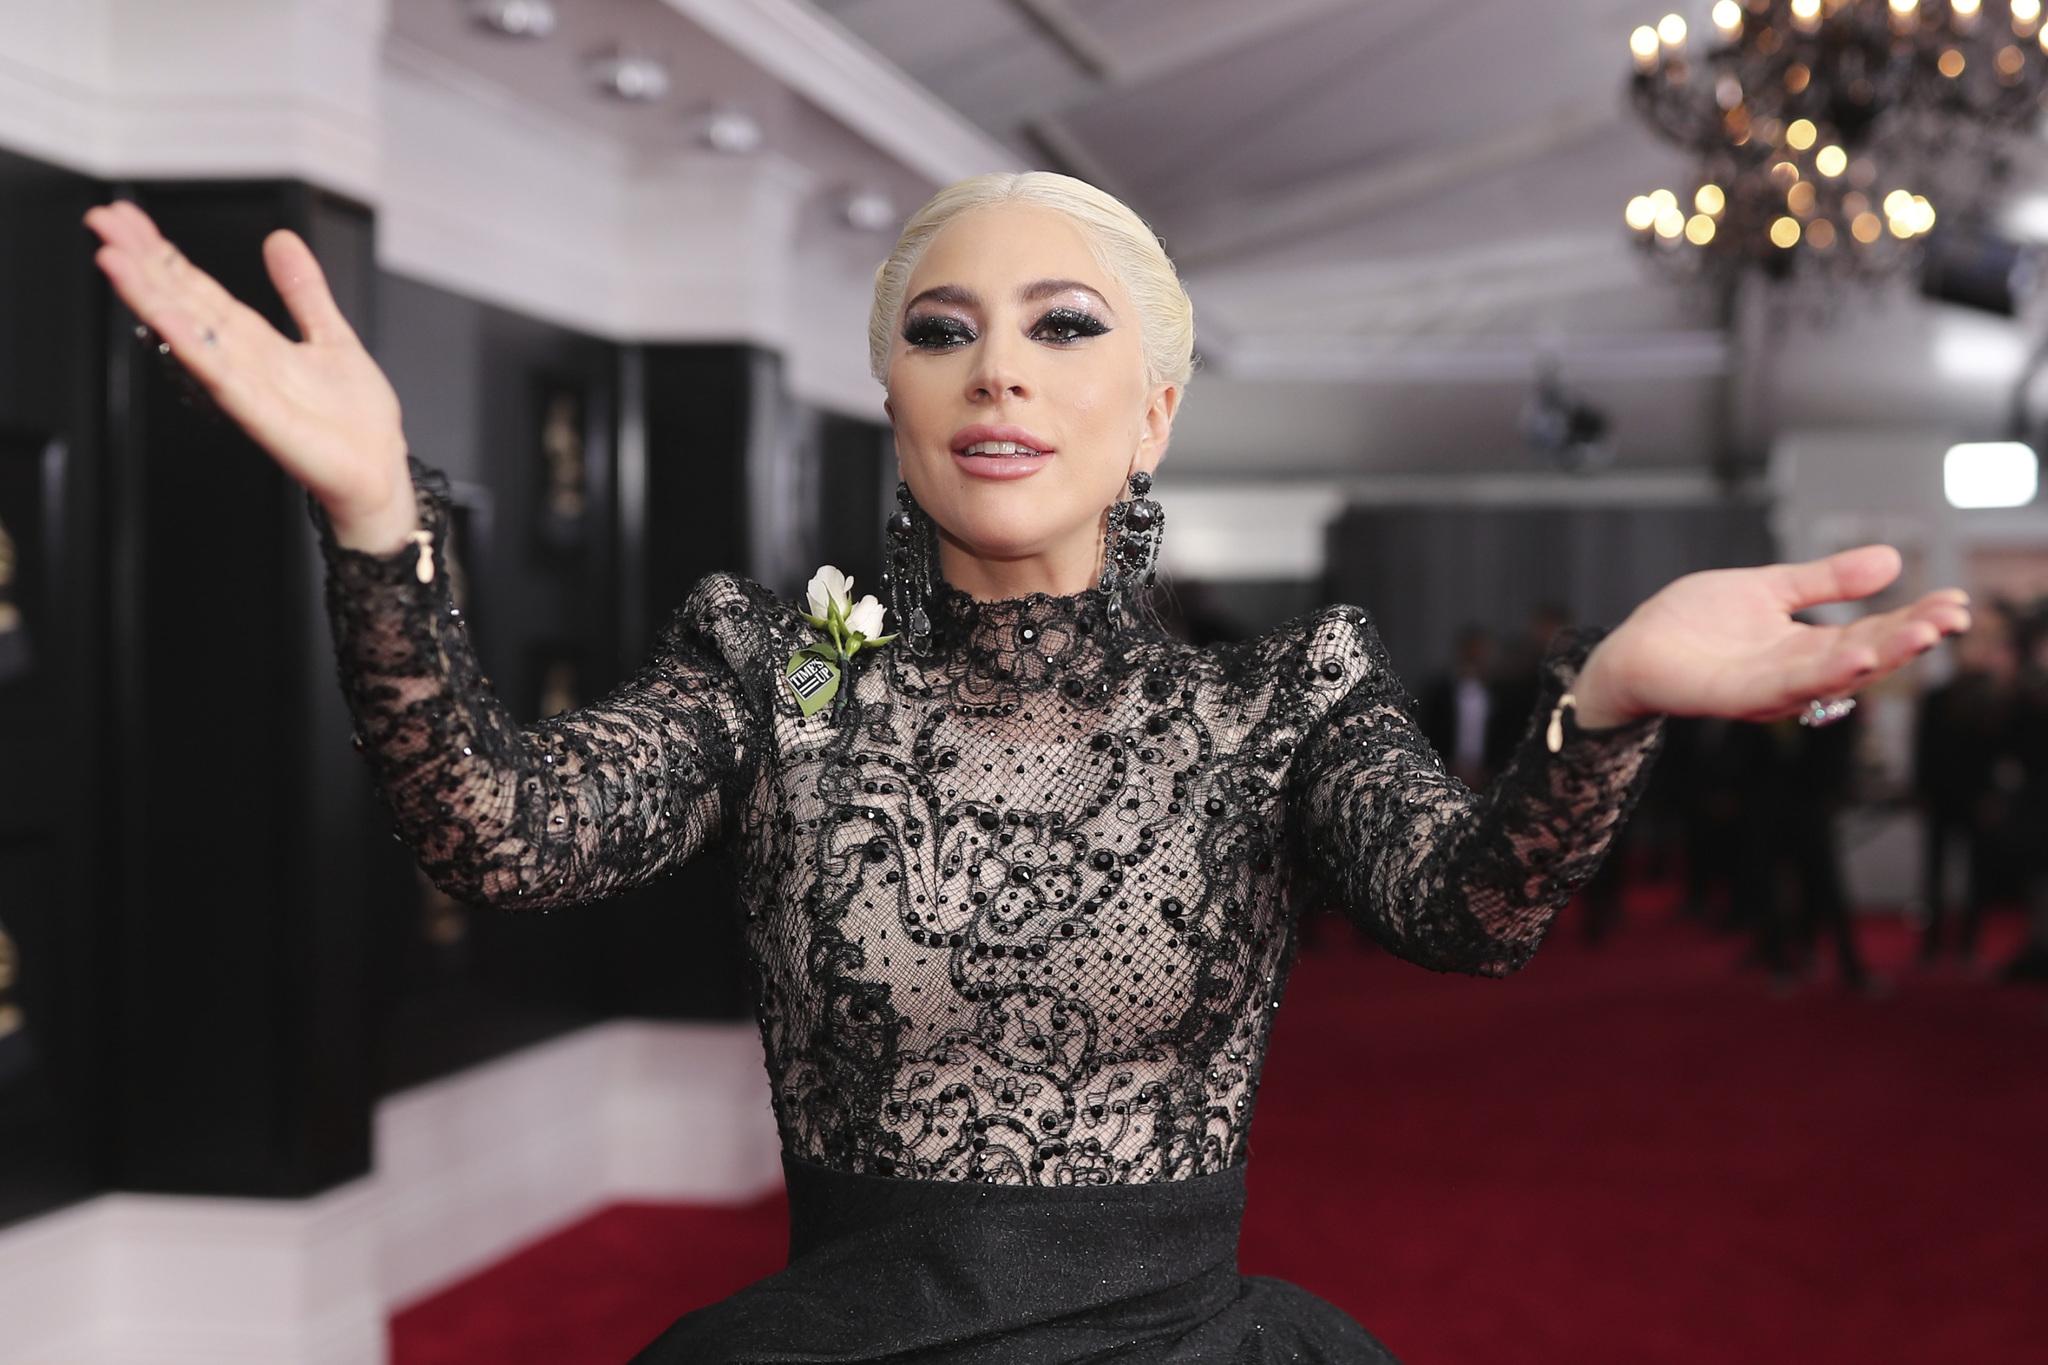 Lady Gaga Keeps Making History